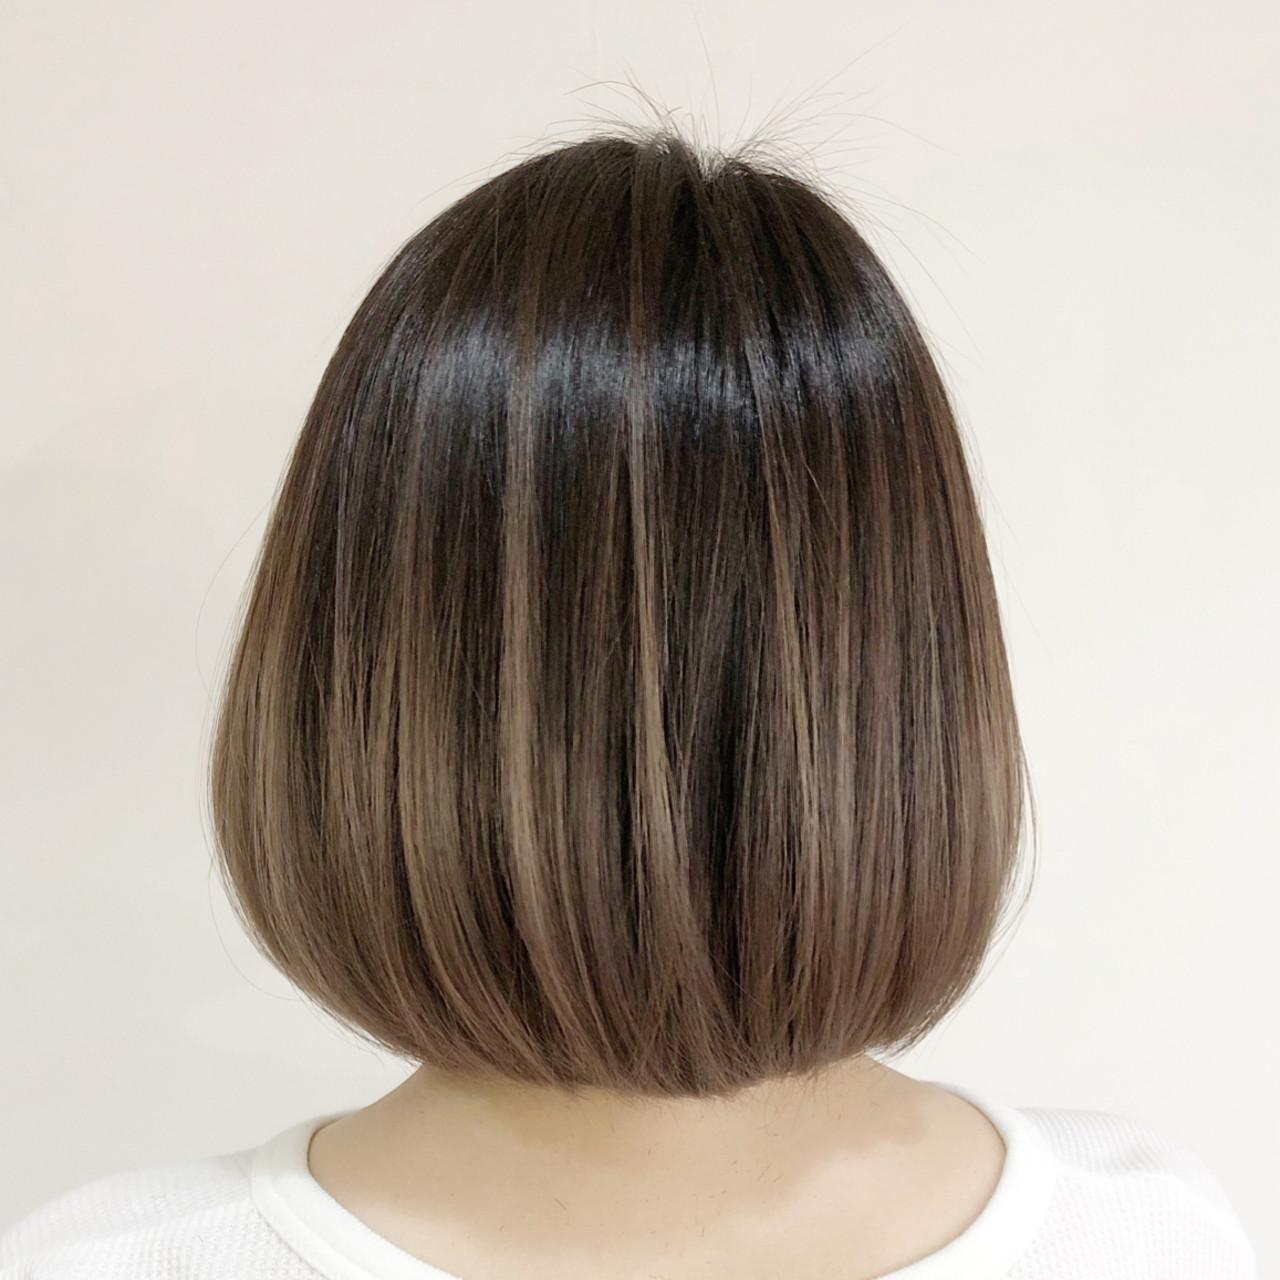 コントラストハイライト フェミニン ブリーチ 外国人風カラー ヘアスタイルや髪型の写真・画像